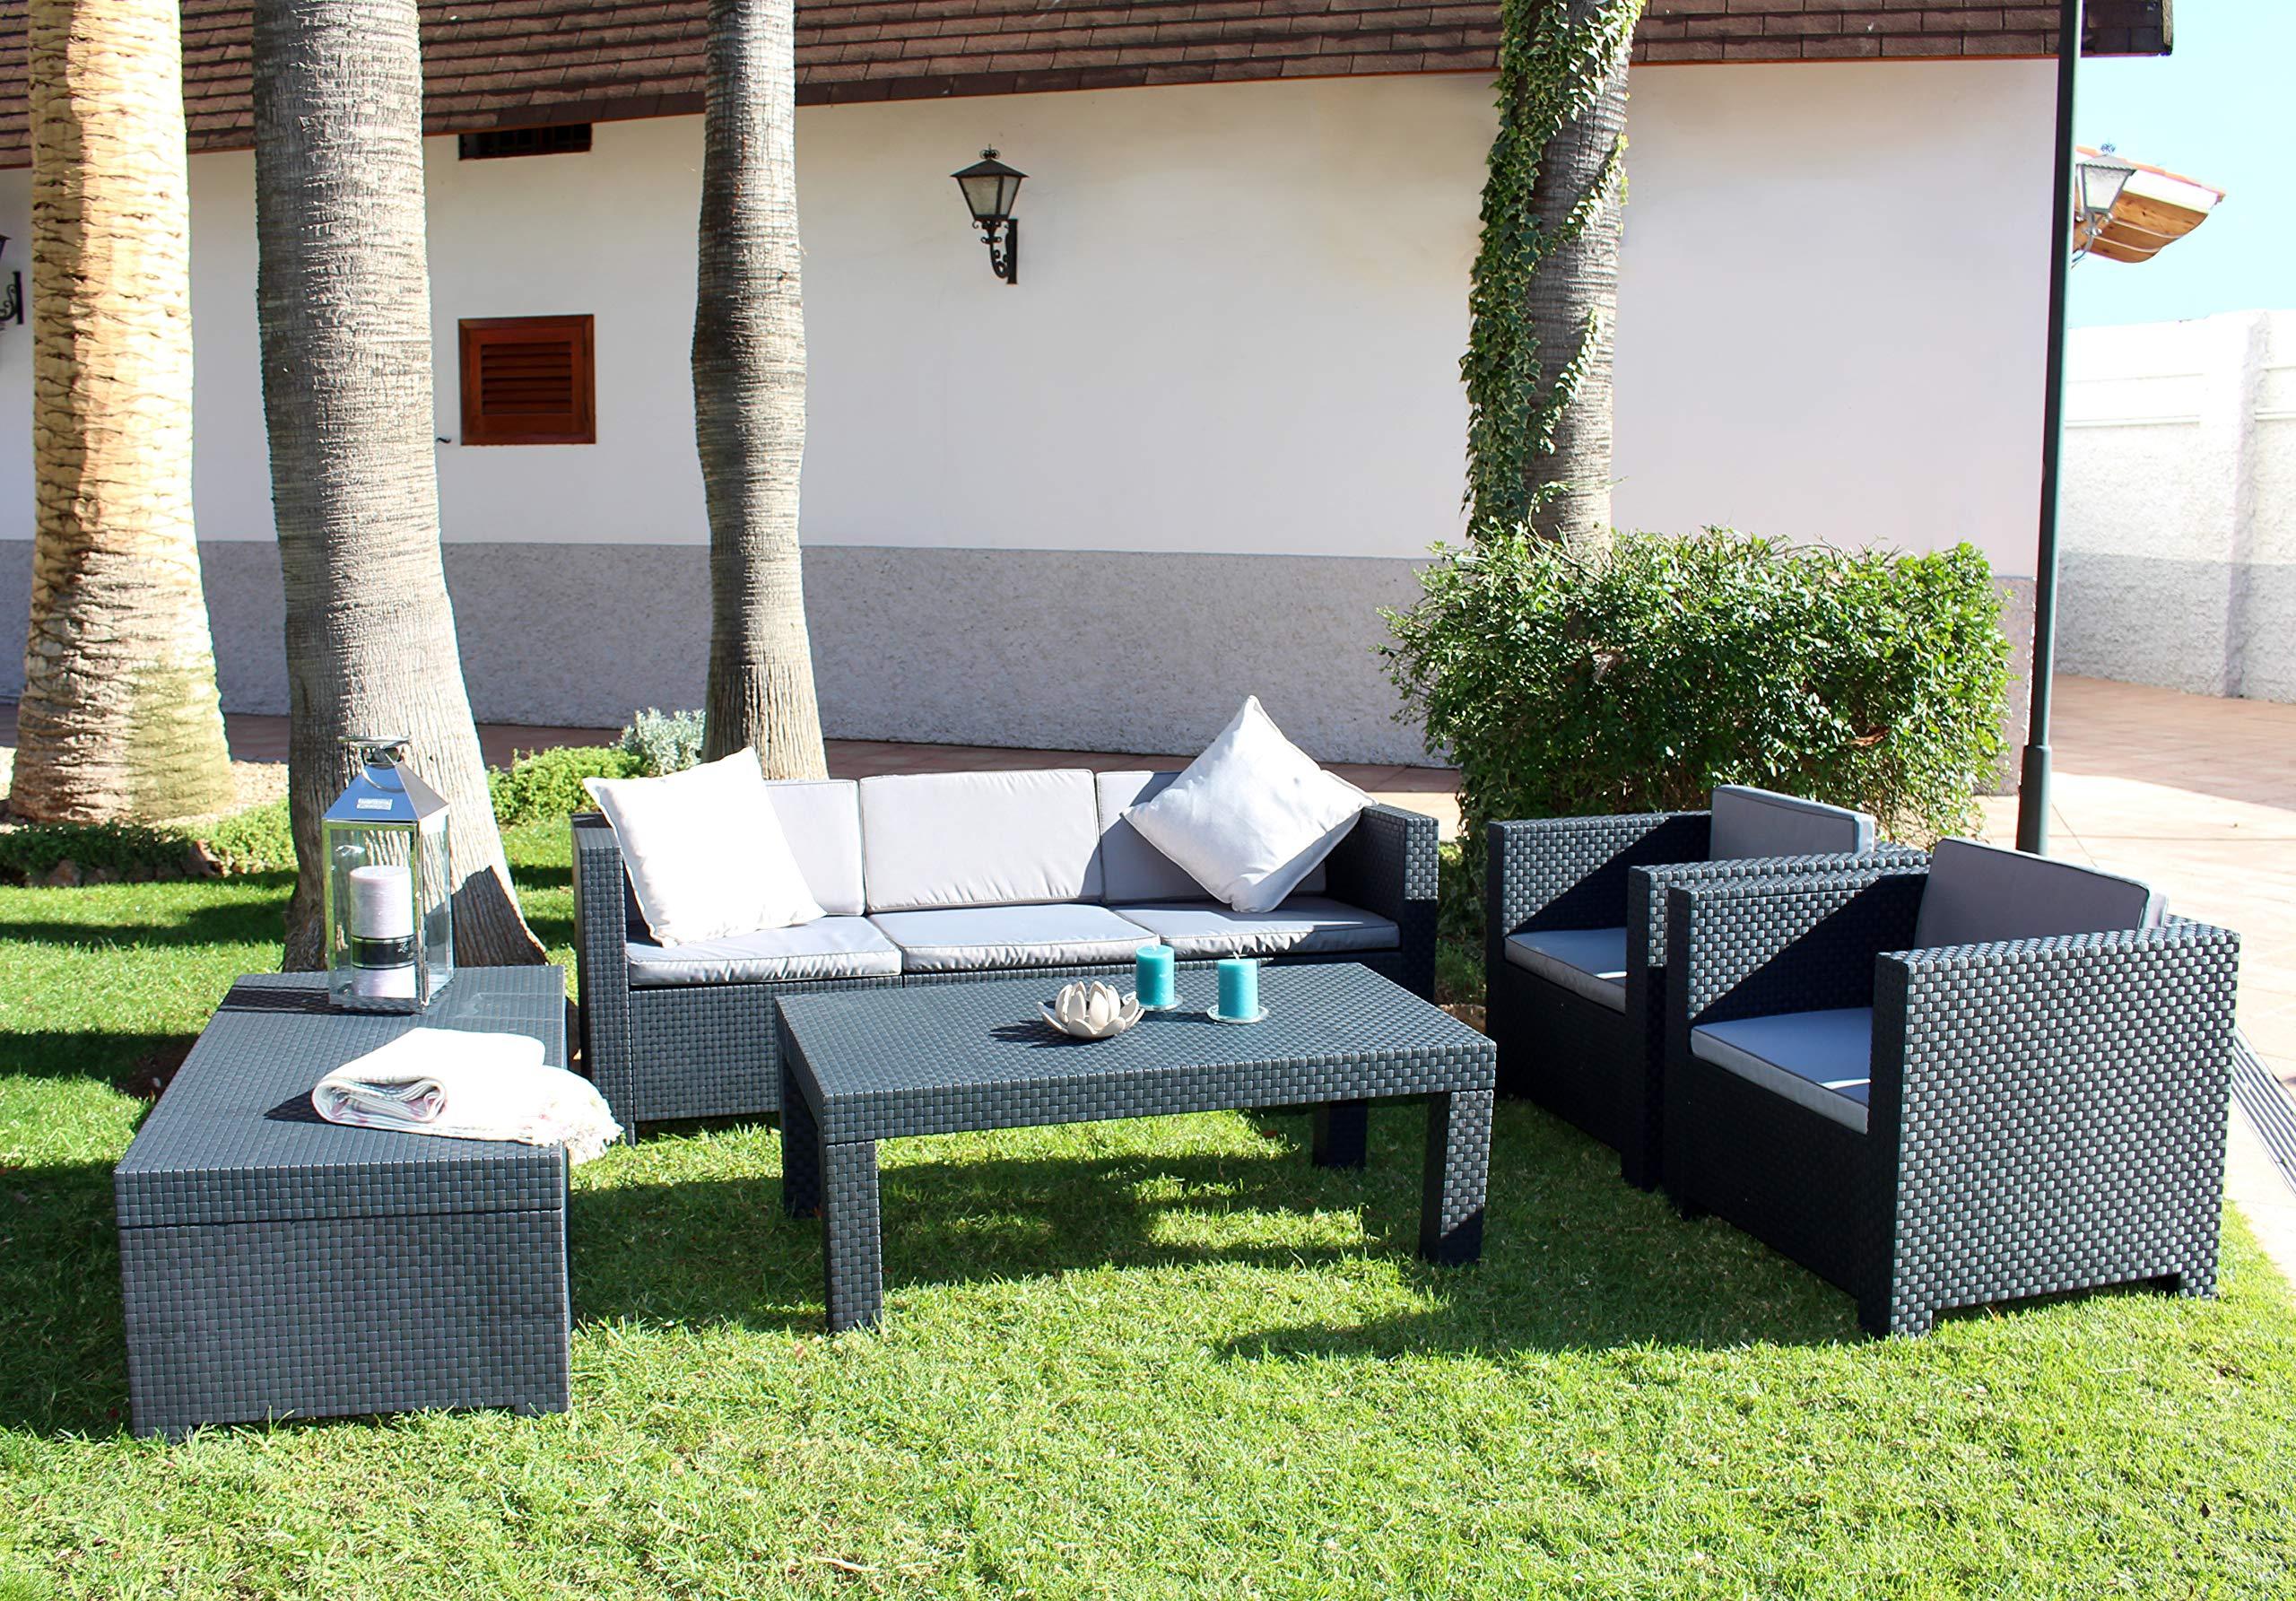 Shaf - Diva Tropea | Set Muebles de Jardín de Color Antracita | Fabricado en España con Materiales Reciclados: Amazon.es: Jardín